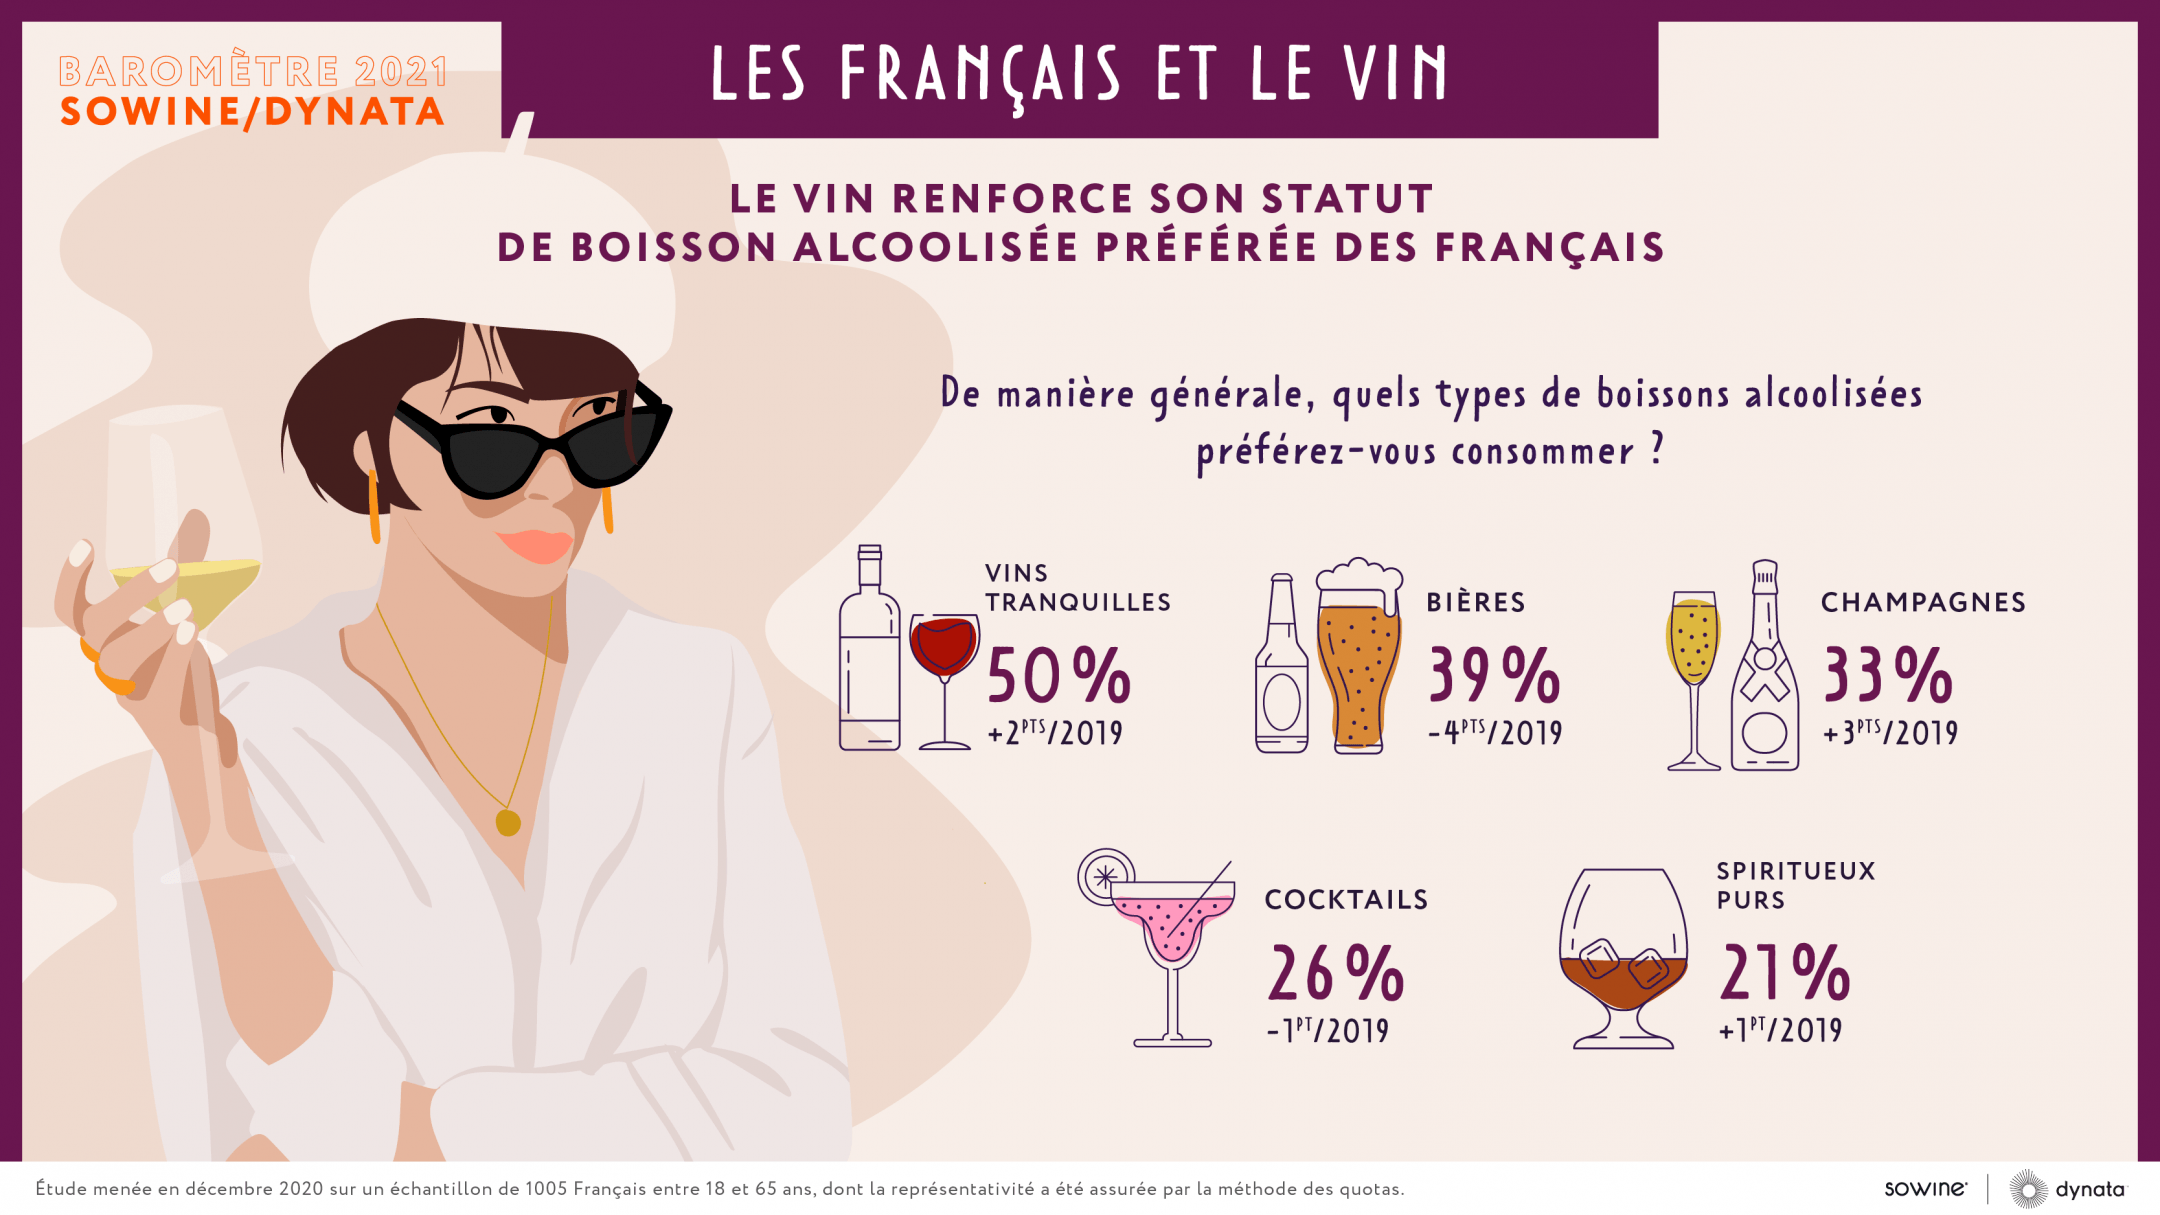 Les français et le vin : Baromètre Sowine/Dynata 2021 est en ligne !